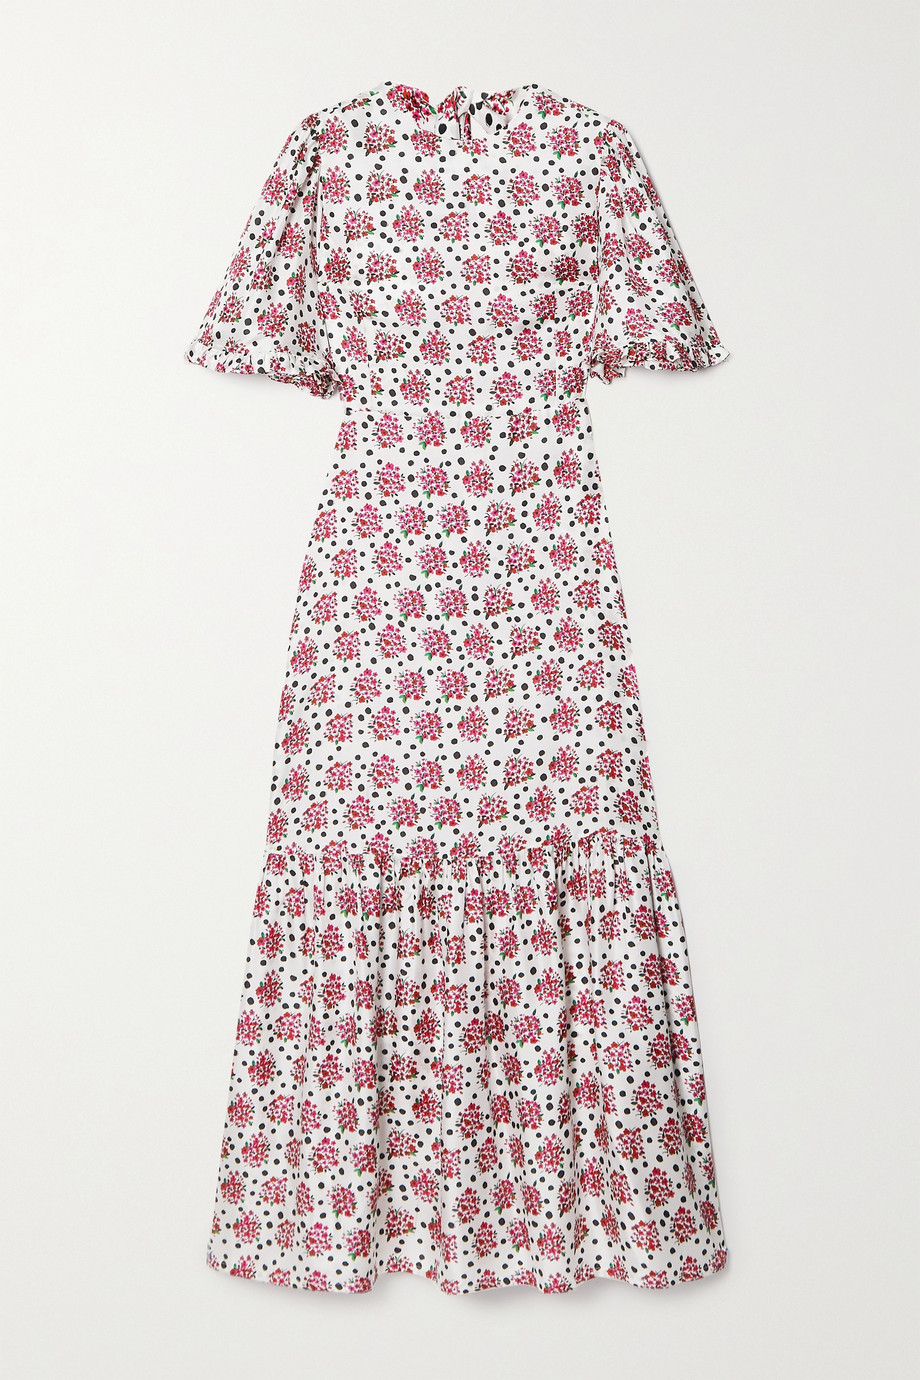 Seren Cece Maxikleid aus Seiden-Twill mit Blumenprint und Rüschen